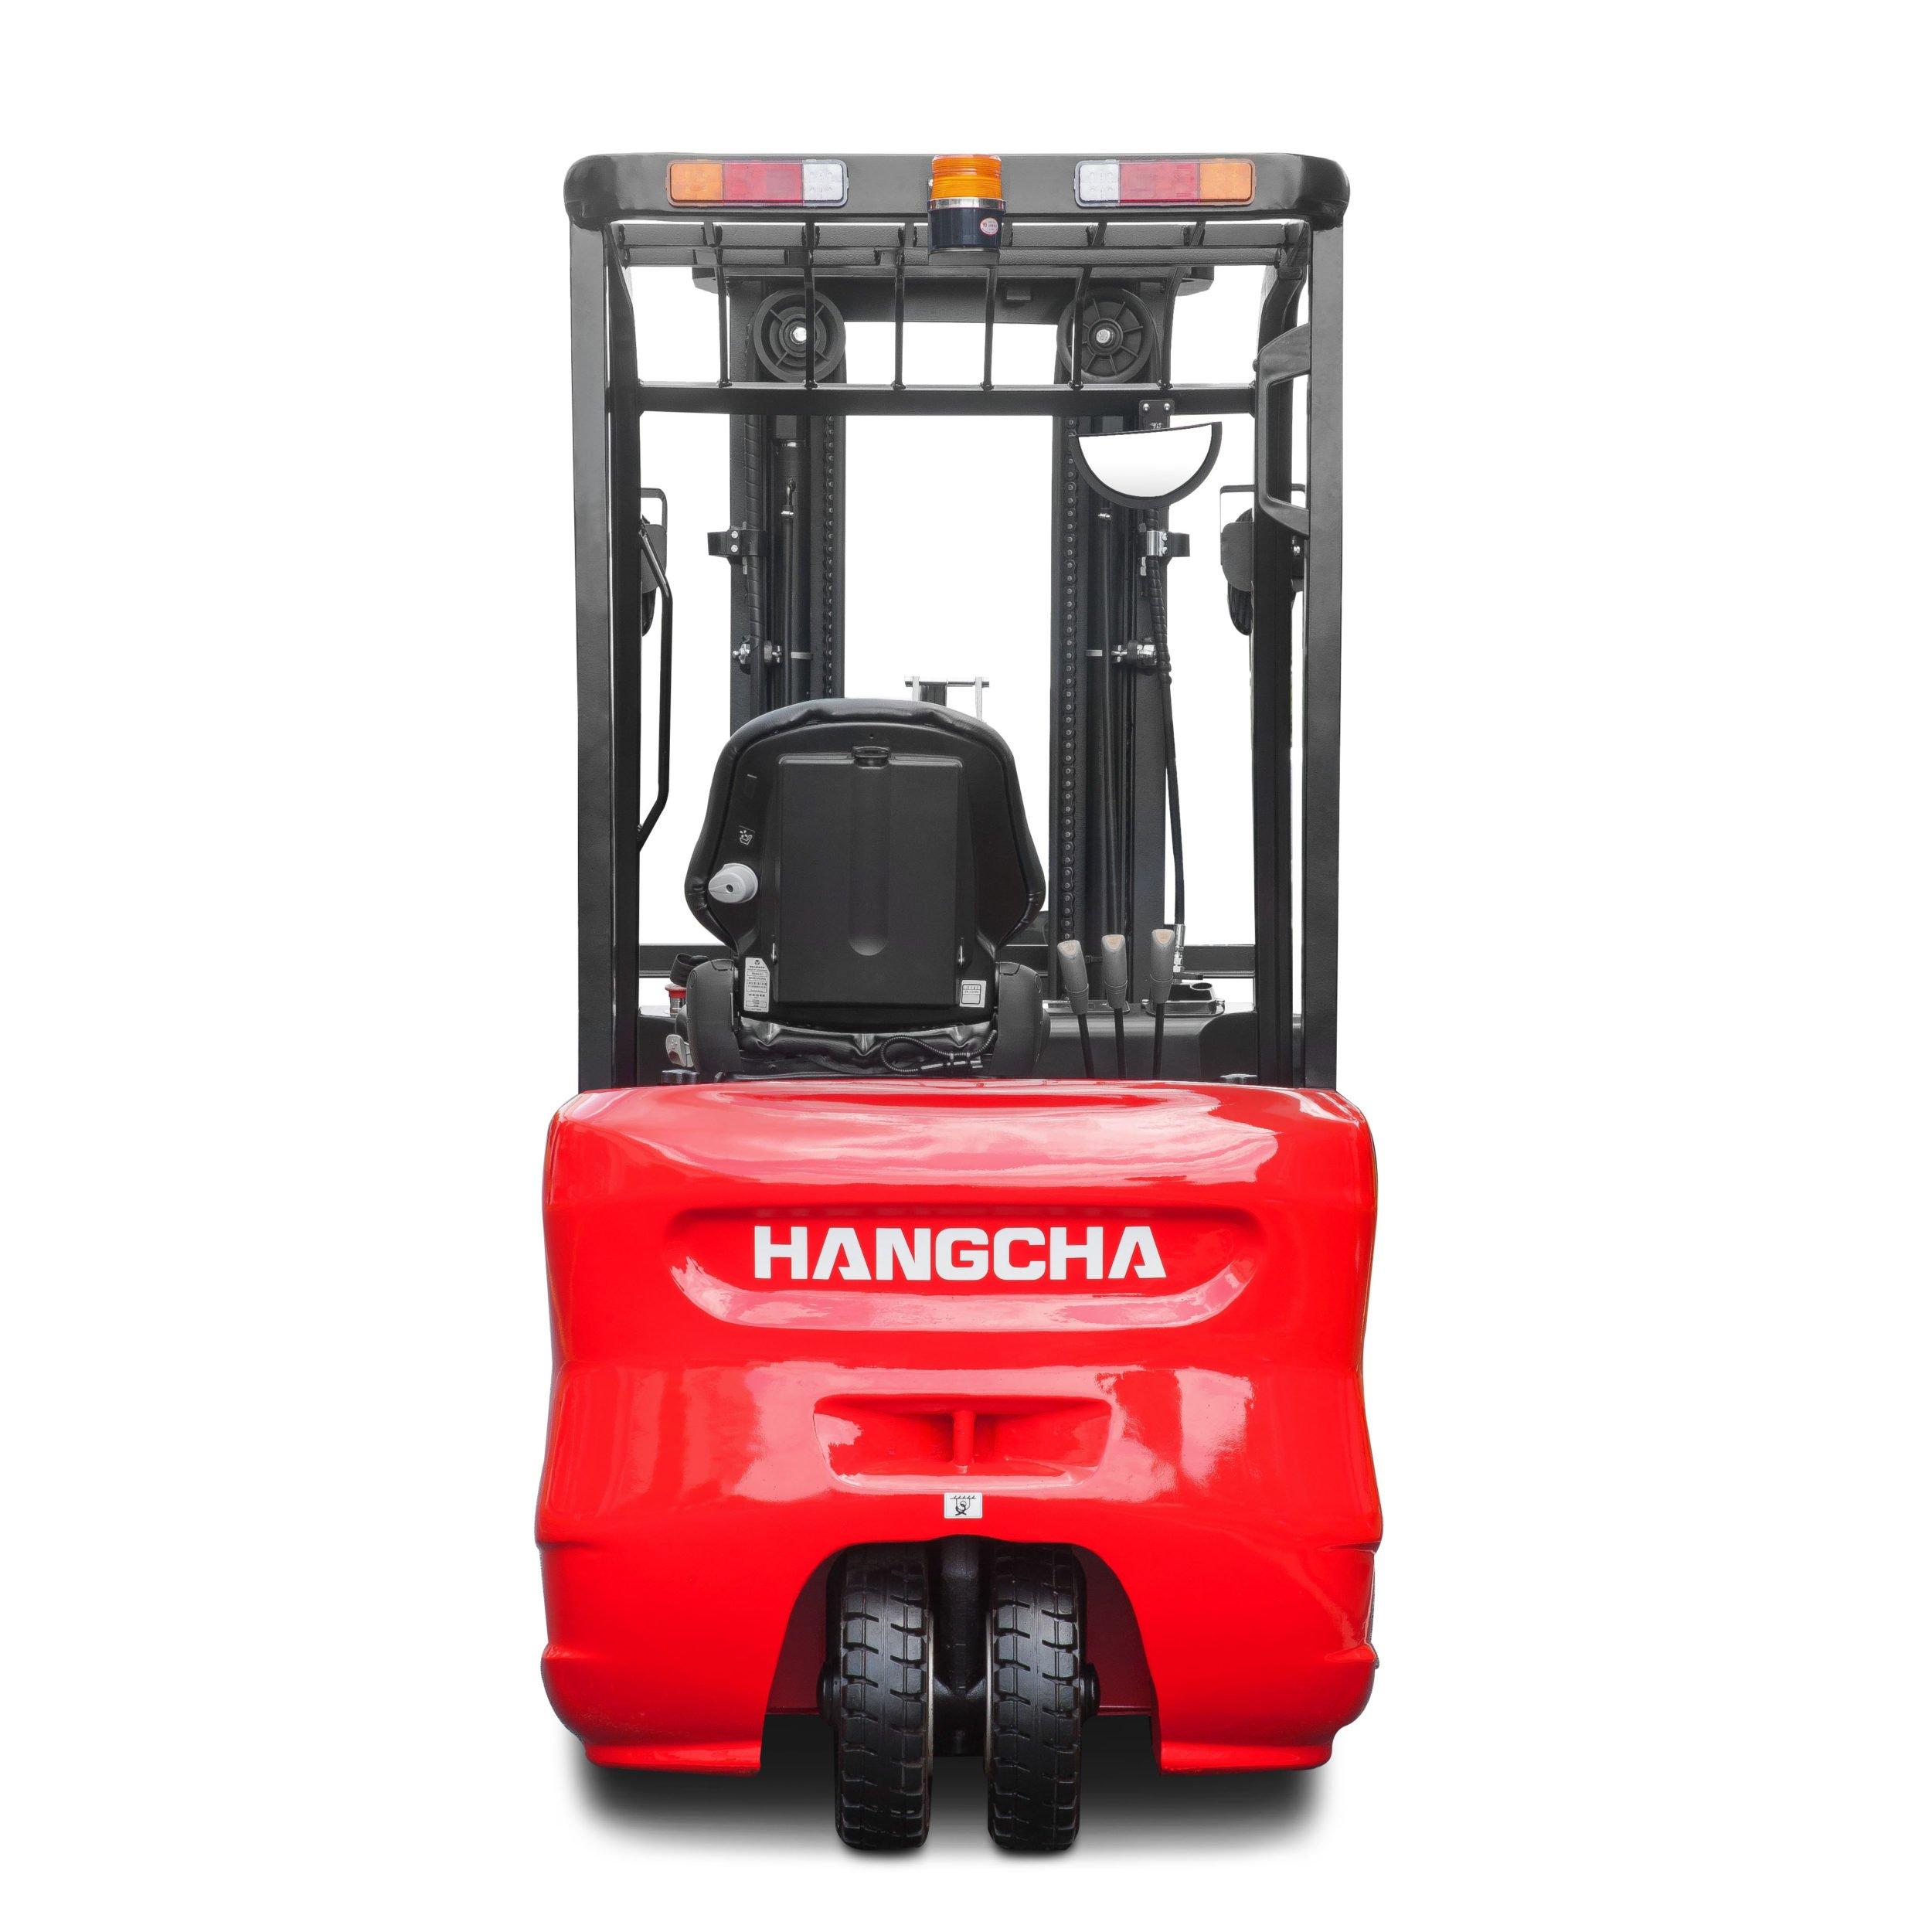 Hangcha CPDS 18 A - Ådalen Truck